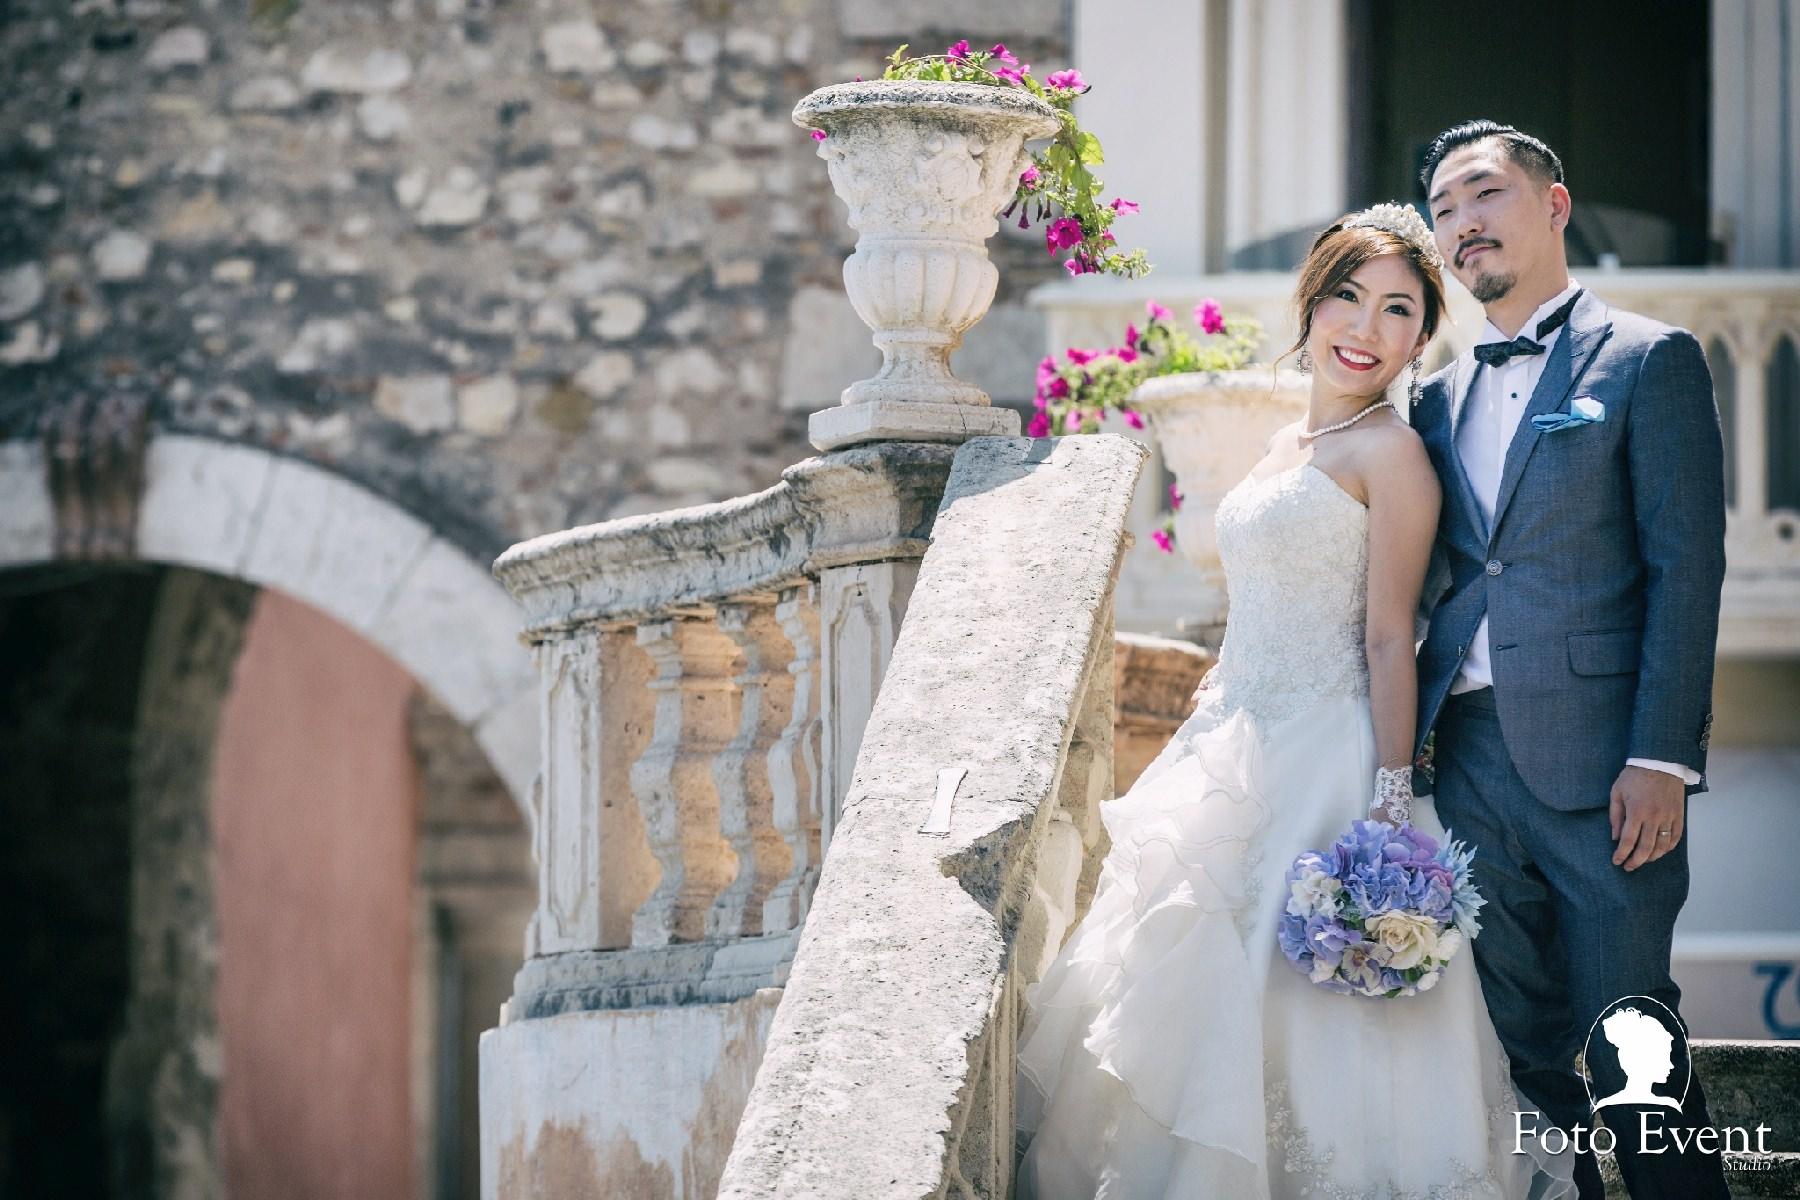 2017-07-15 Matrimonio Sayaka e Keiichi Ando zoom 119 CD FOTO